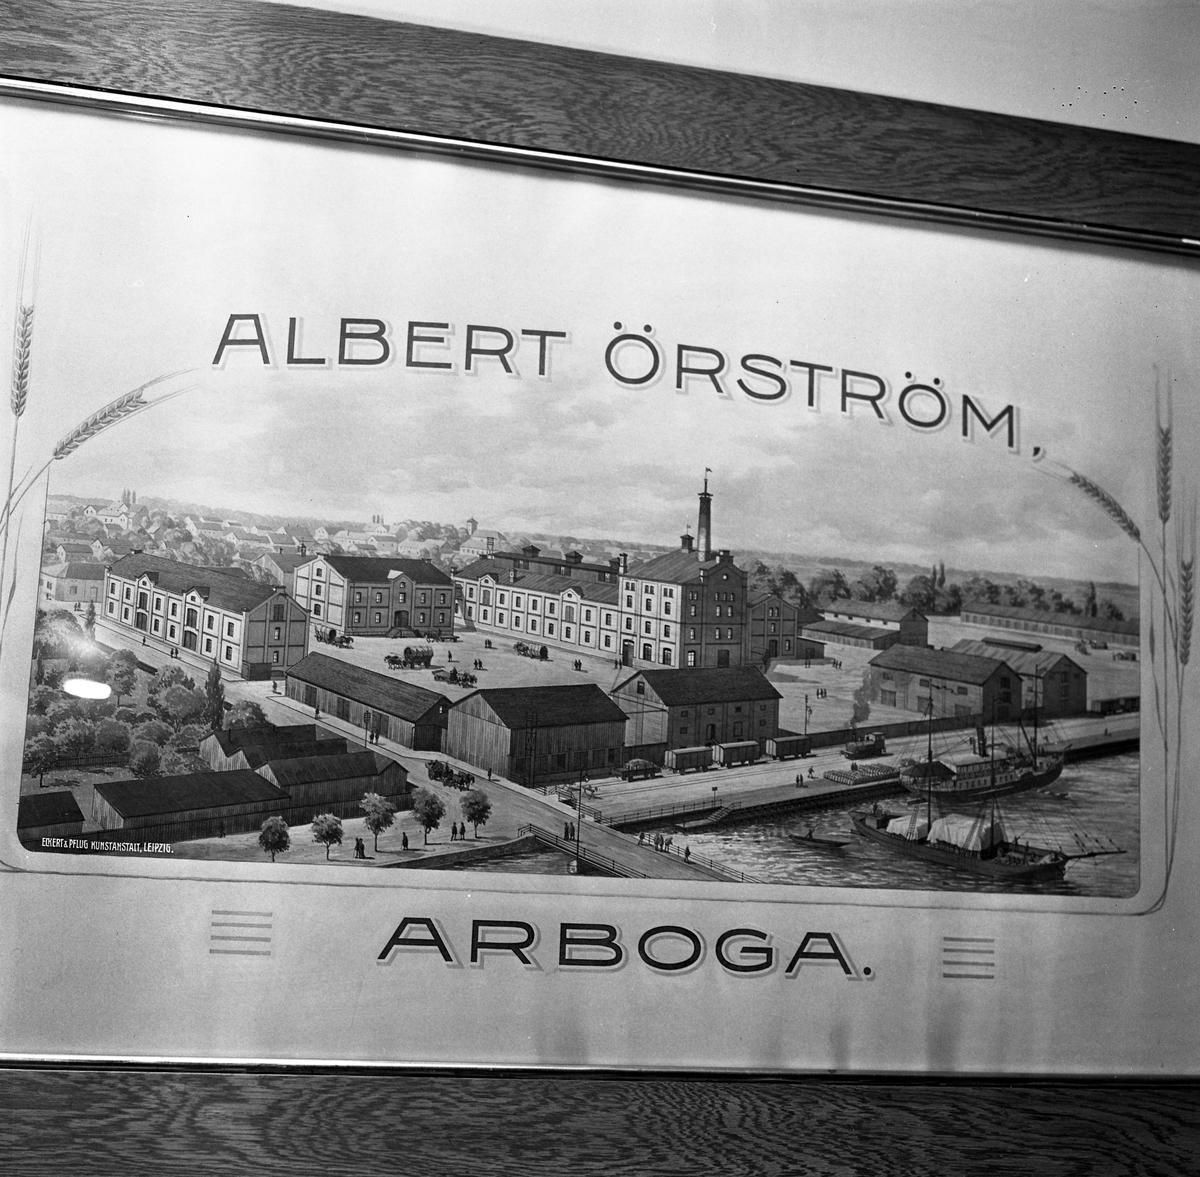 Arboga Kvarn och Maltfabrik, exteriör. En tavla, föreställande fabriken, hamnmagasinen, järnvägen och båtar i hamnen. Bilden omges av texten Albert Örström Arboga och några veteax. Bilden är framtagen av Kunstanstalt Leipzig, enligt text i tavlans nedre vänstra hörn.  Det som kom att bli Arboga Kvarn och Maltfabrik anlades 1821 av Jonas Örström. Grosshandlare Albert Örström övertog rörelsen 1877. Han startade här en elektrisk kvarn, 1915, när verksamheten vid kvarnen i Höjen lades ner. Vetemjöl av märket Guldsnö framställdes här.  Kvarnrörelsen upphörde 1967 och maltproduktionen upphörde 1972.  Läs om Arboga Kvarn och Maltfabrik: Hembygdsföreningen Arboga Minnes årsböcker från 1979 och 1999 Reinhold Carlssons bok Arboga objektivt sett